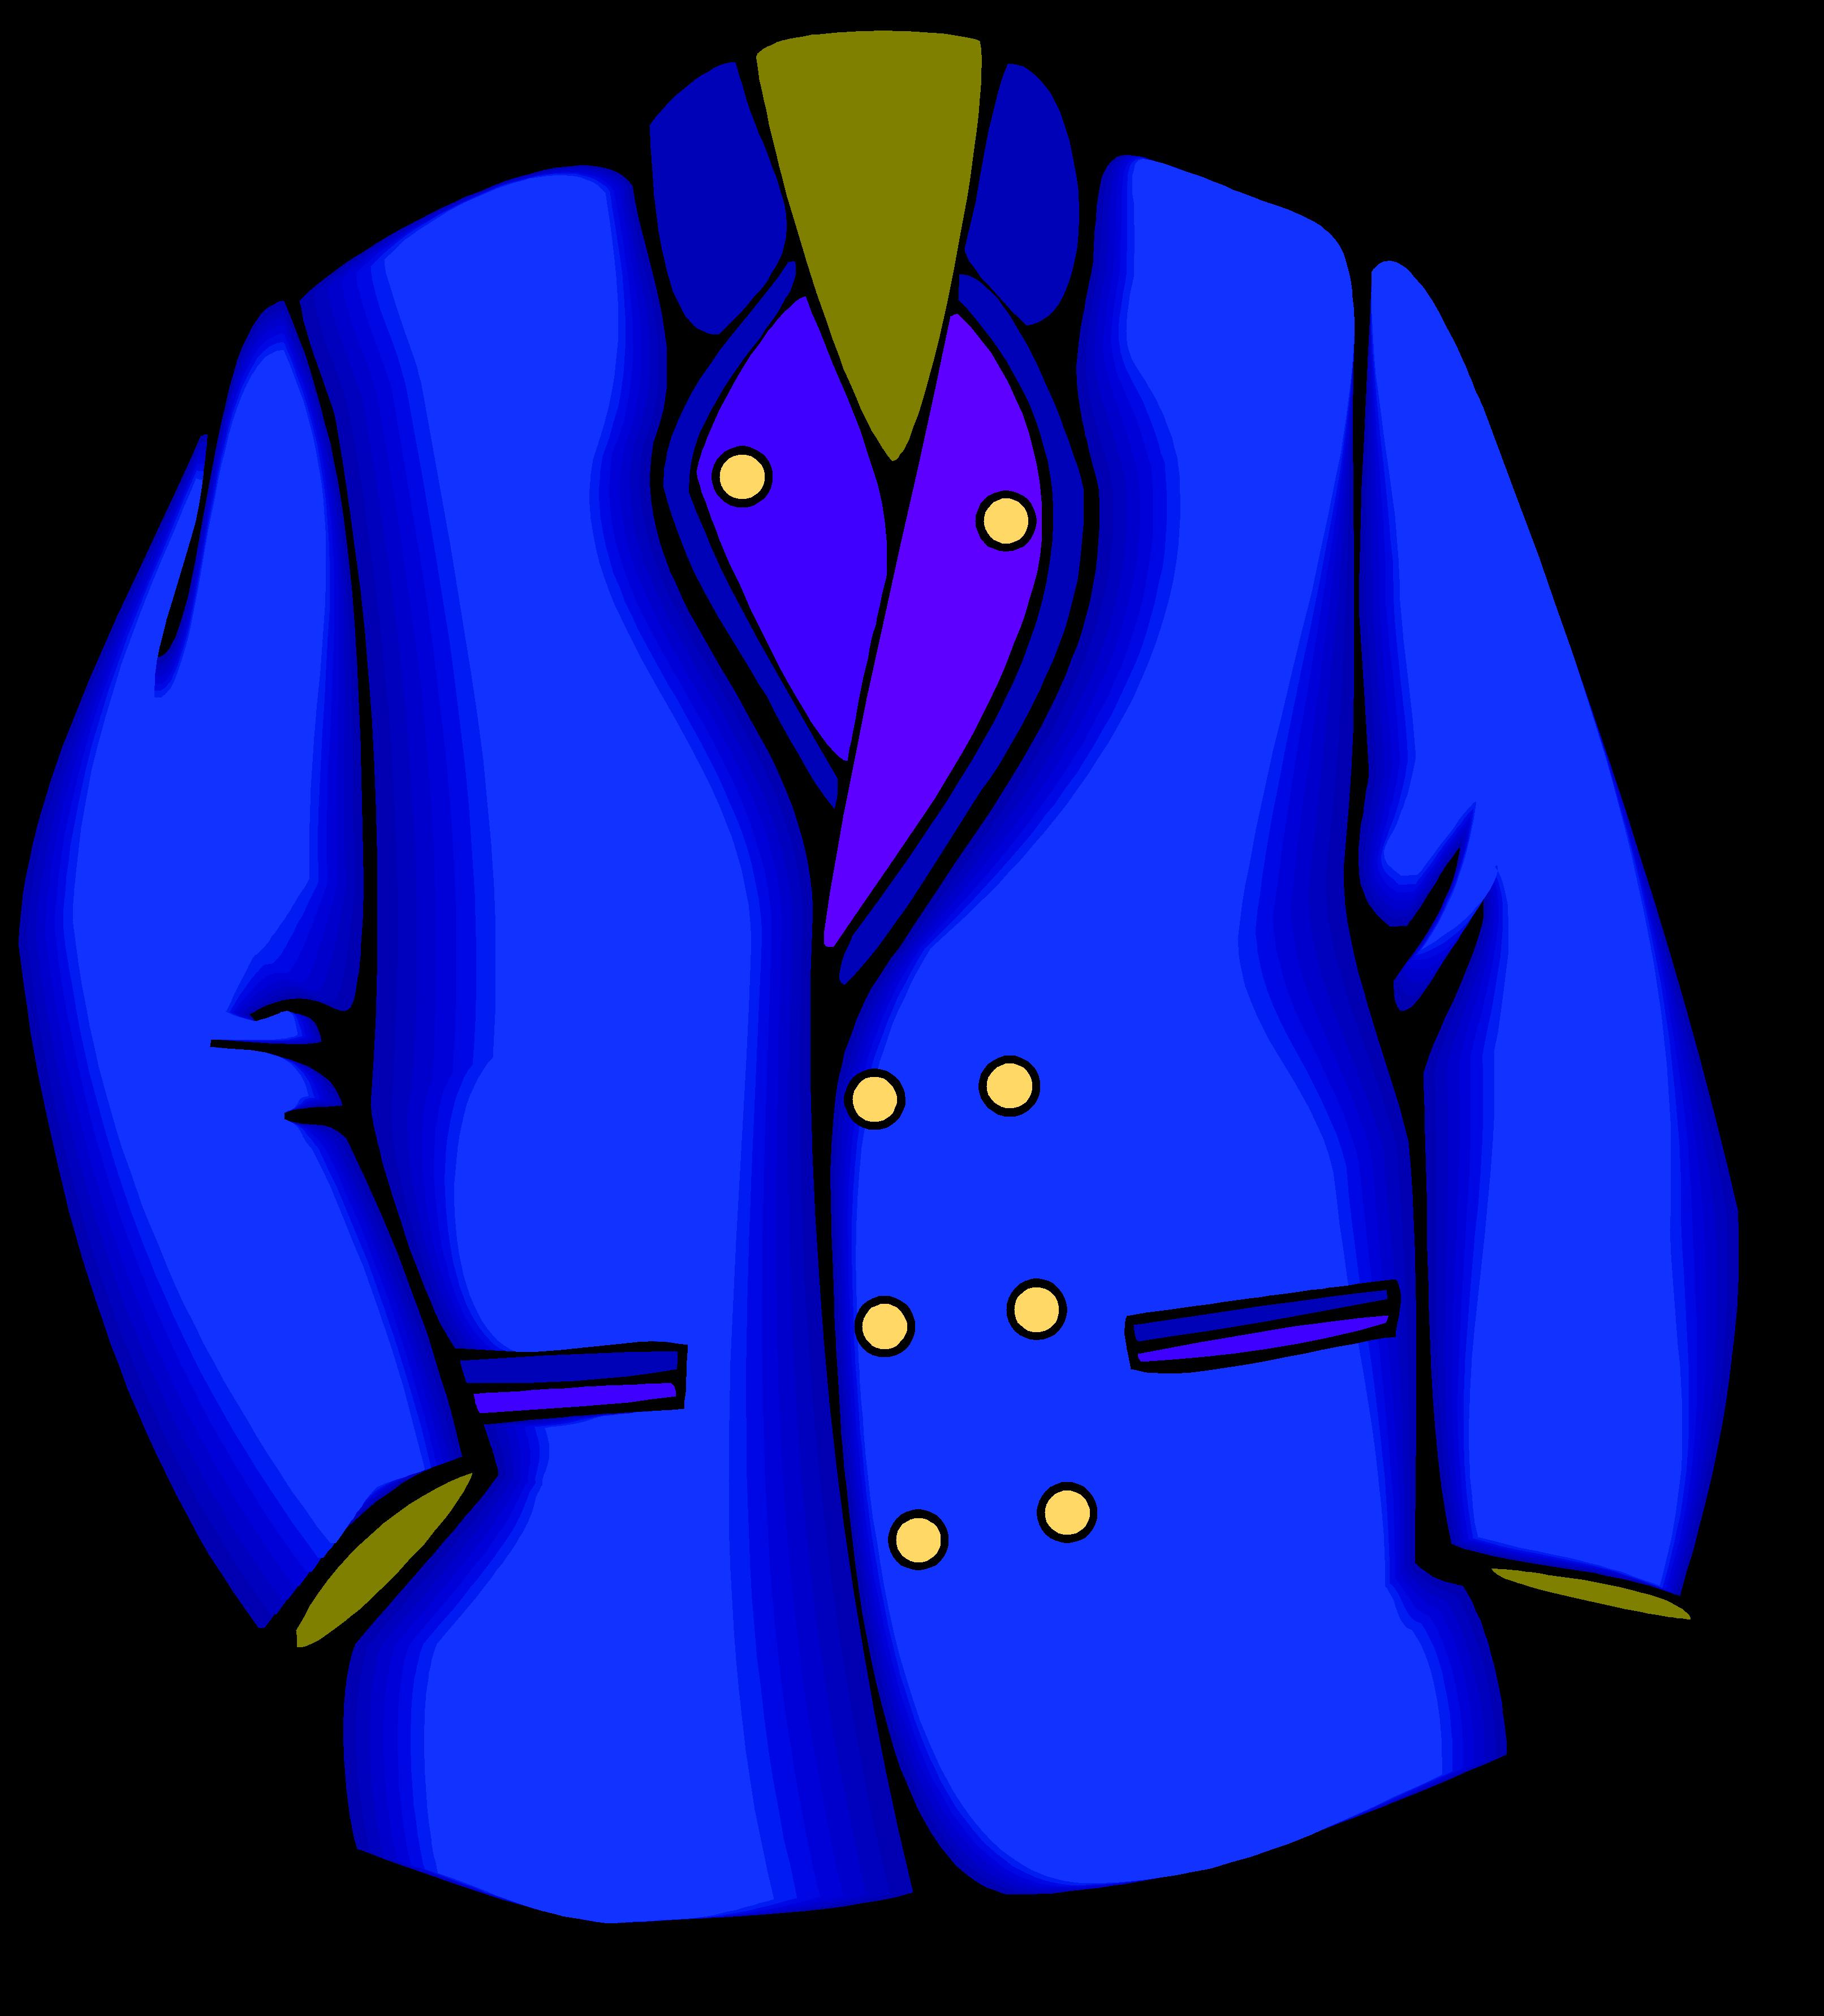 Suit clipart black blazer. Coat jacket clip art